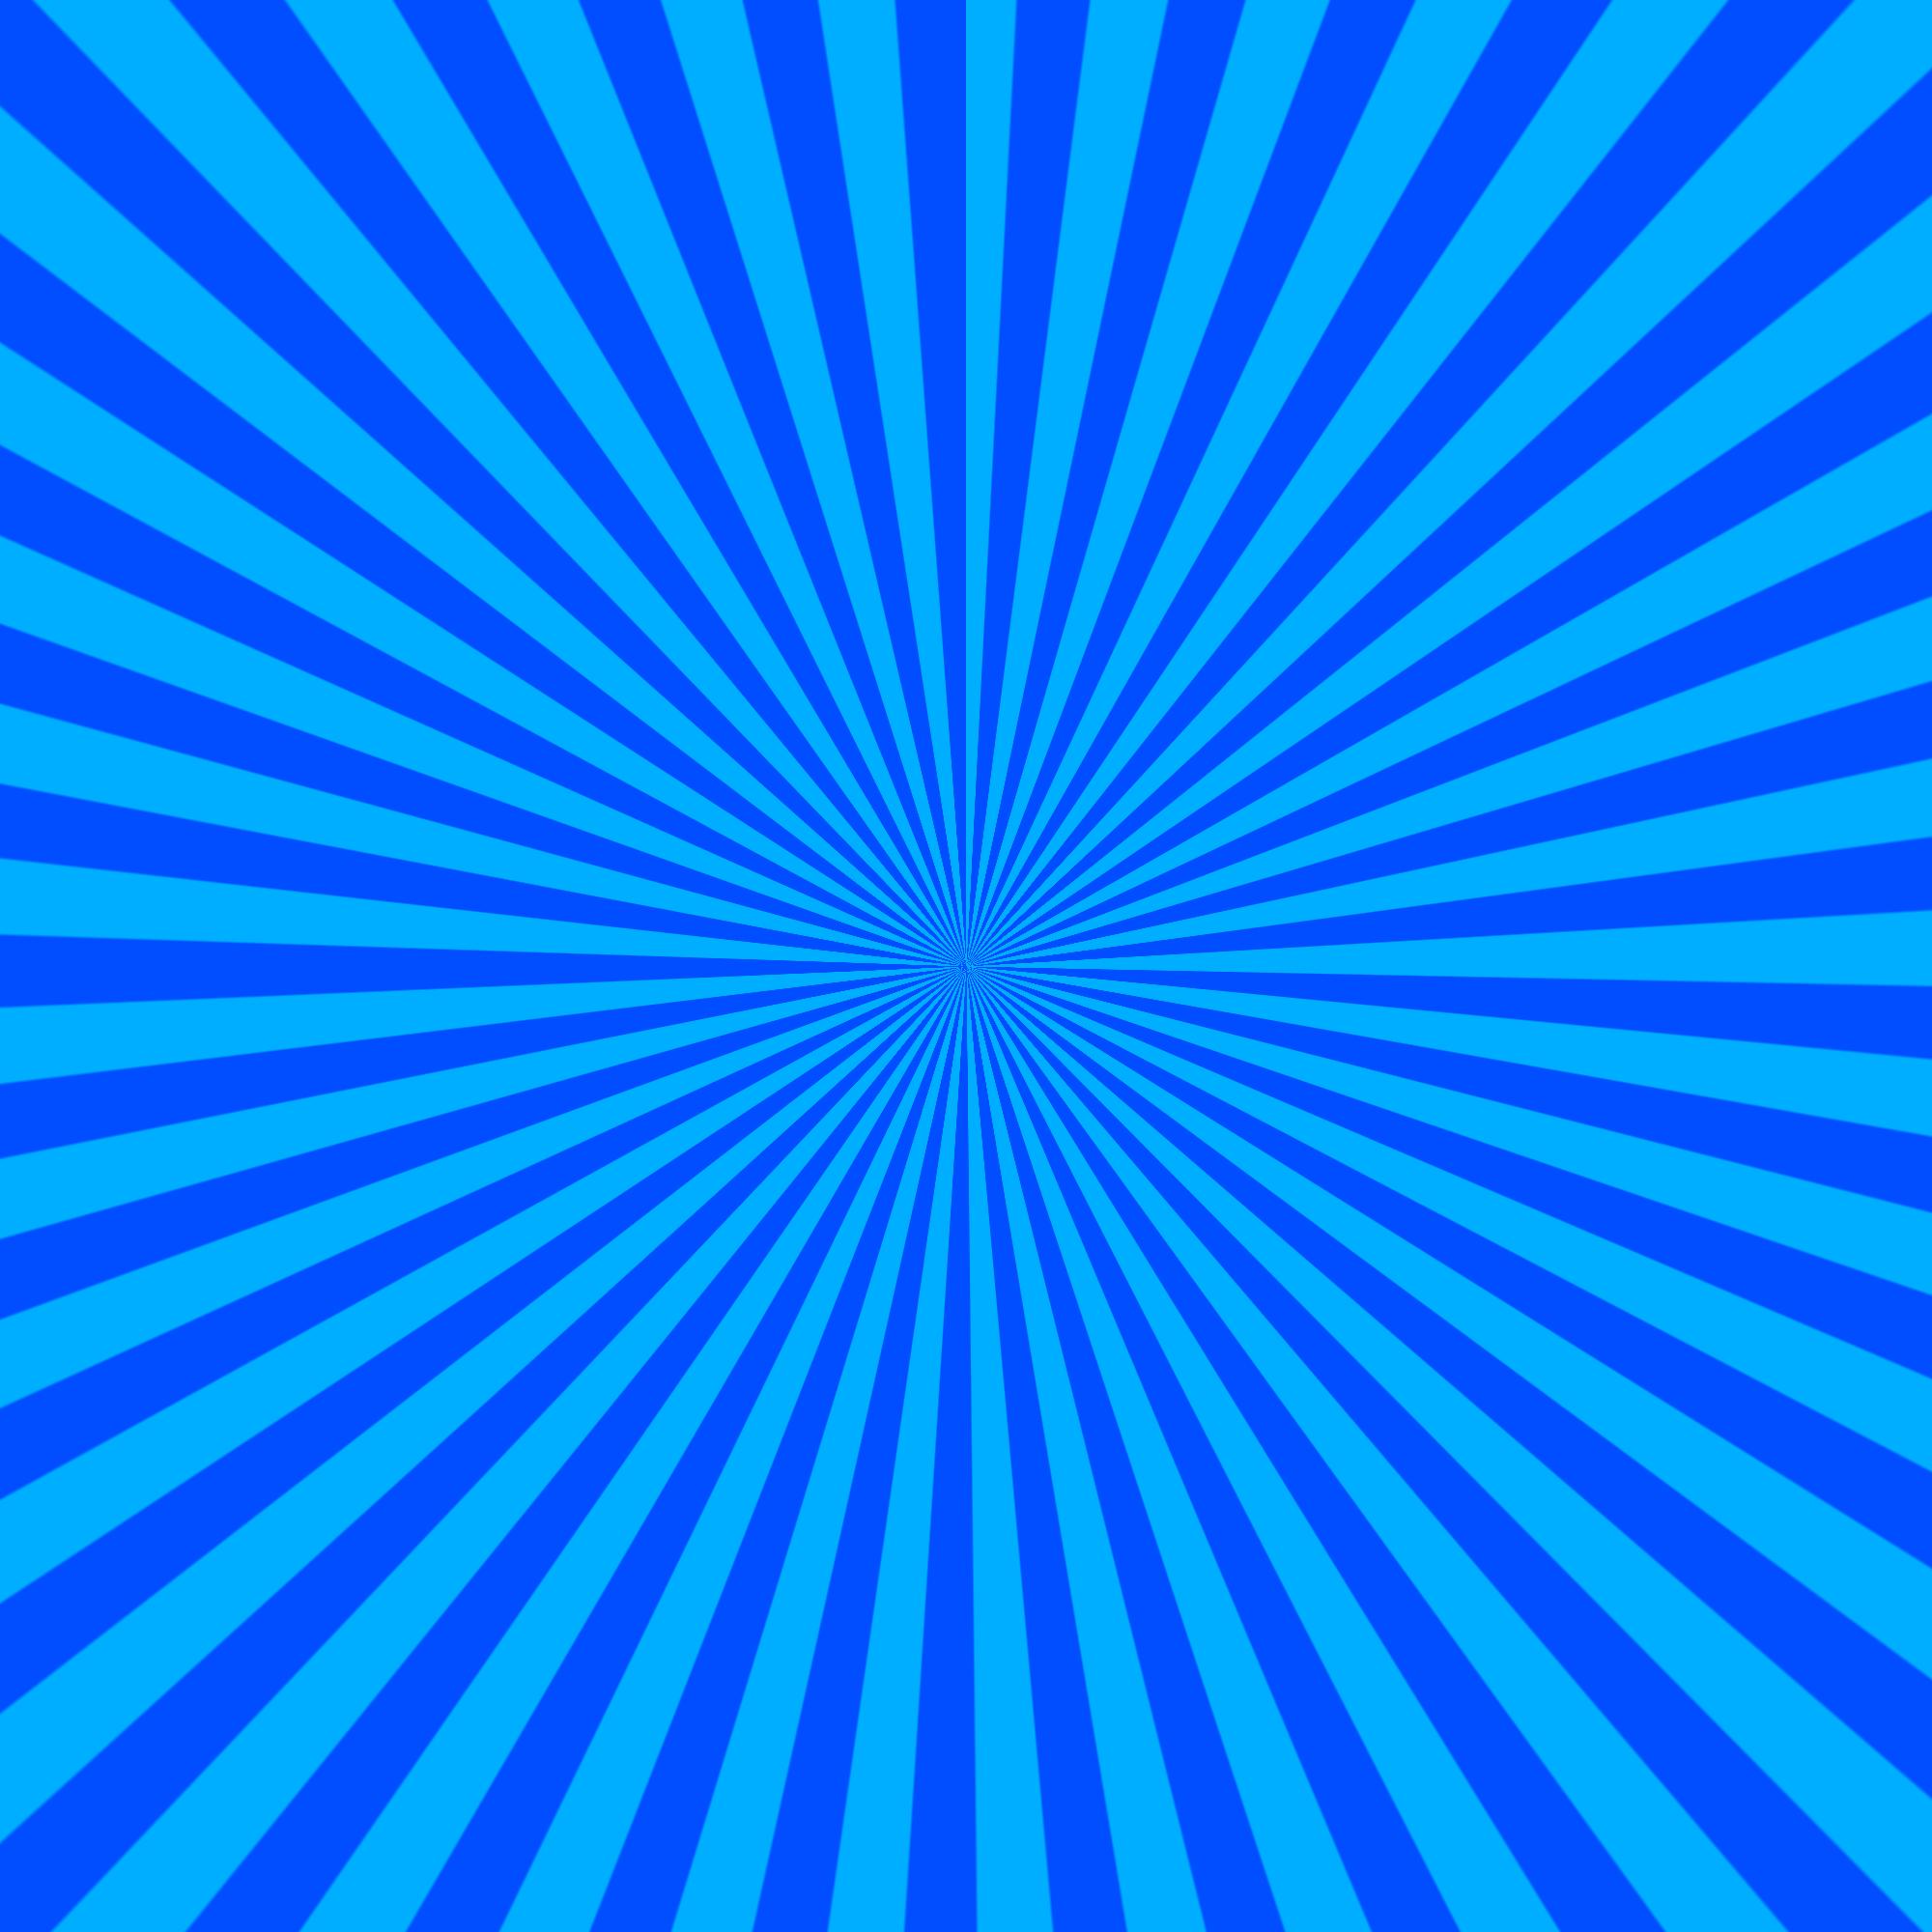 Blue sunburst photoshop background png #24705.